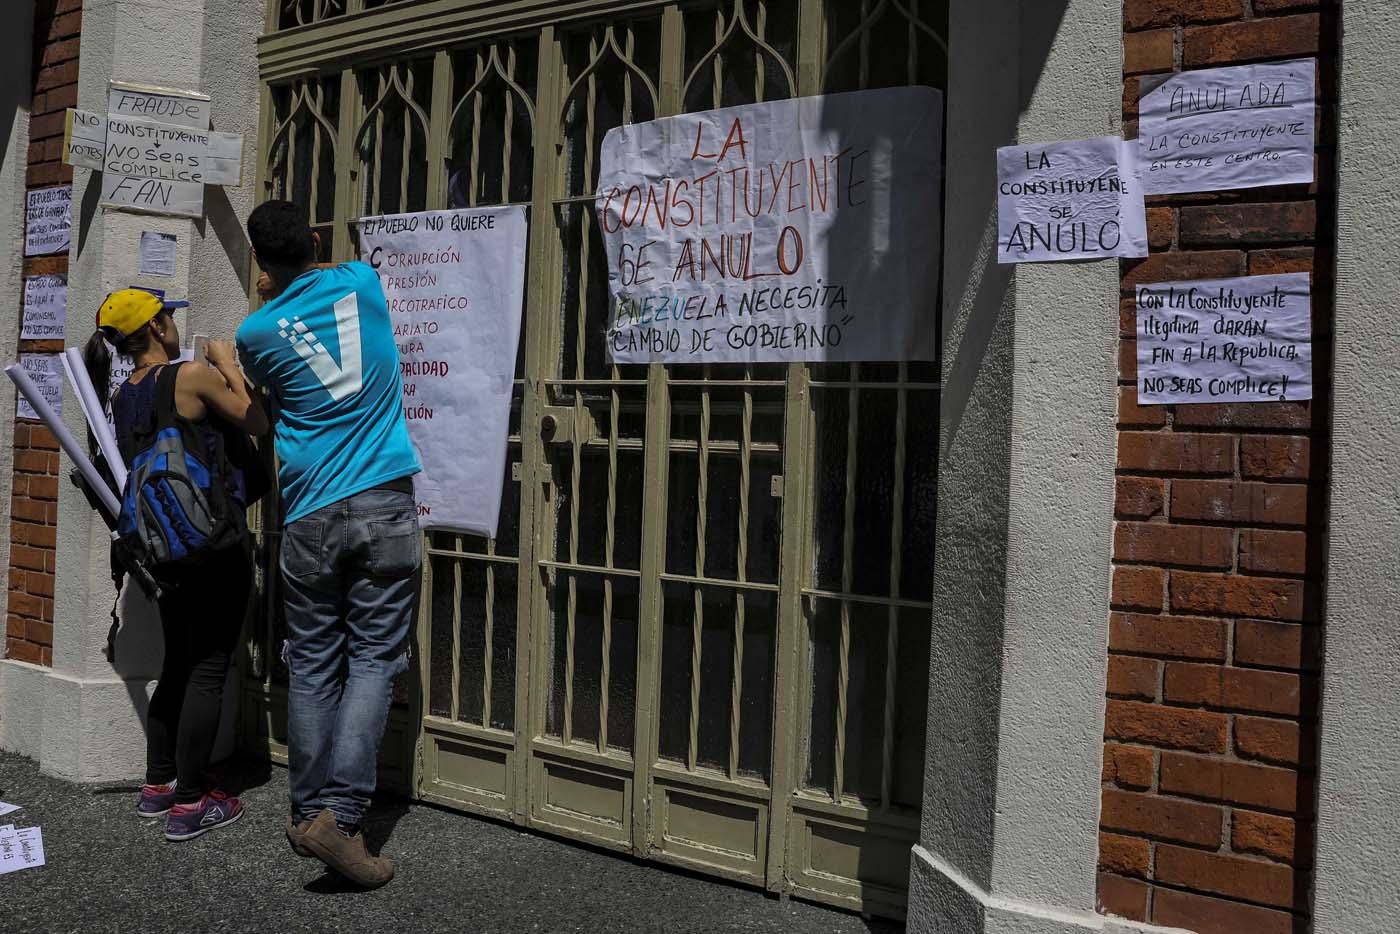 CAR12. CARACAS (VENEZUELA), 24/07/2017.- Manifestantes pegan carteles en rechazo a la Asamblea Constituyente hoy, lunes 24 de julio de 2017, en un colegio electoral de Caracas (Venezuela). Venezuela inicia hoy la semana decisiva para la elección de la Asamblea Nacional Constituyente convocada por el presidente, Nicolás Maduro, con los oficialistas entrando en la recta final de su campaña en medio de protestas y llamados a paro de los opositores en rechazo a esos comicios. EFE/Miguel Gutiérrez